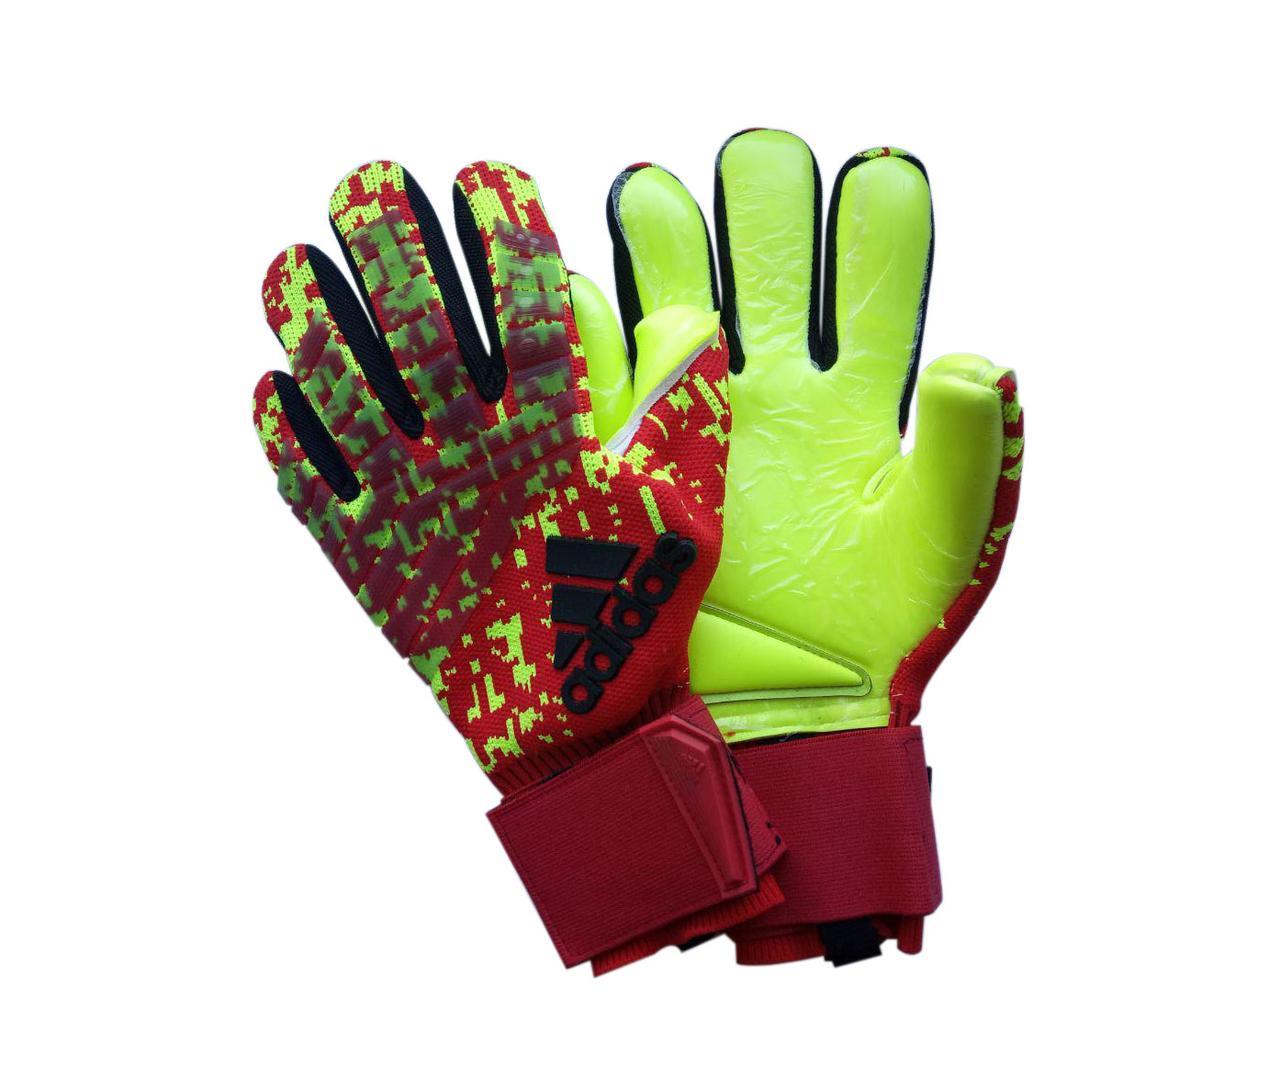 Вратарские перчатки Adidas pro 120 красно-салатовые